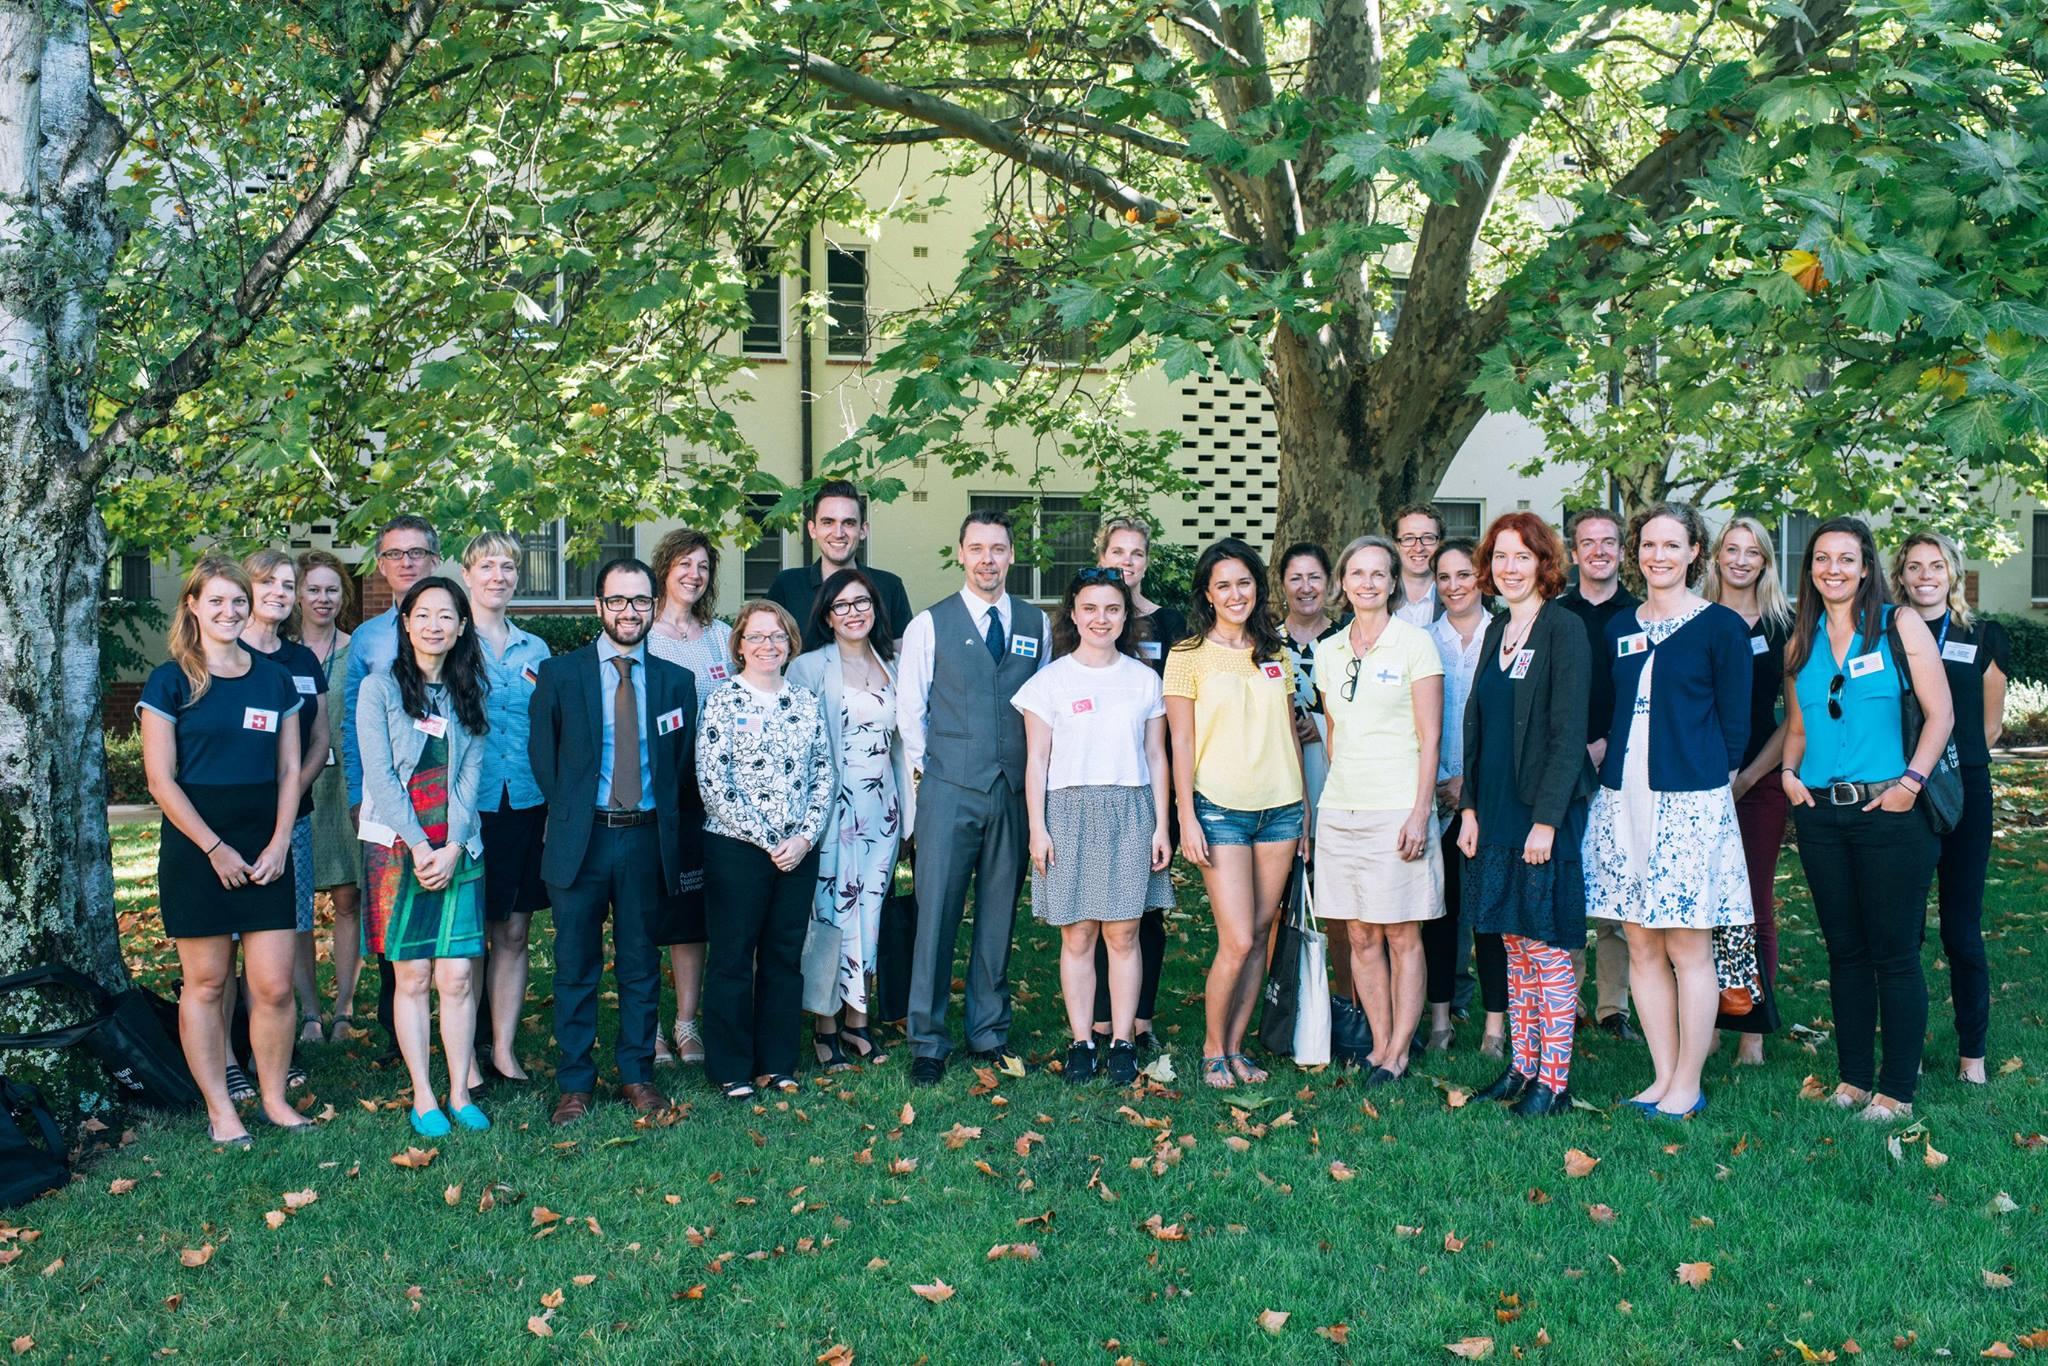 La Embajada de Colombia en Australia participó en la Feria Global de Intercambio en la Universidad Nacional de Australia